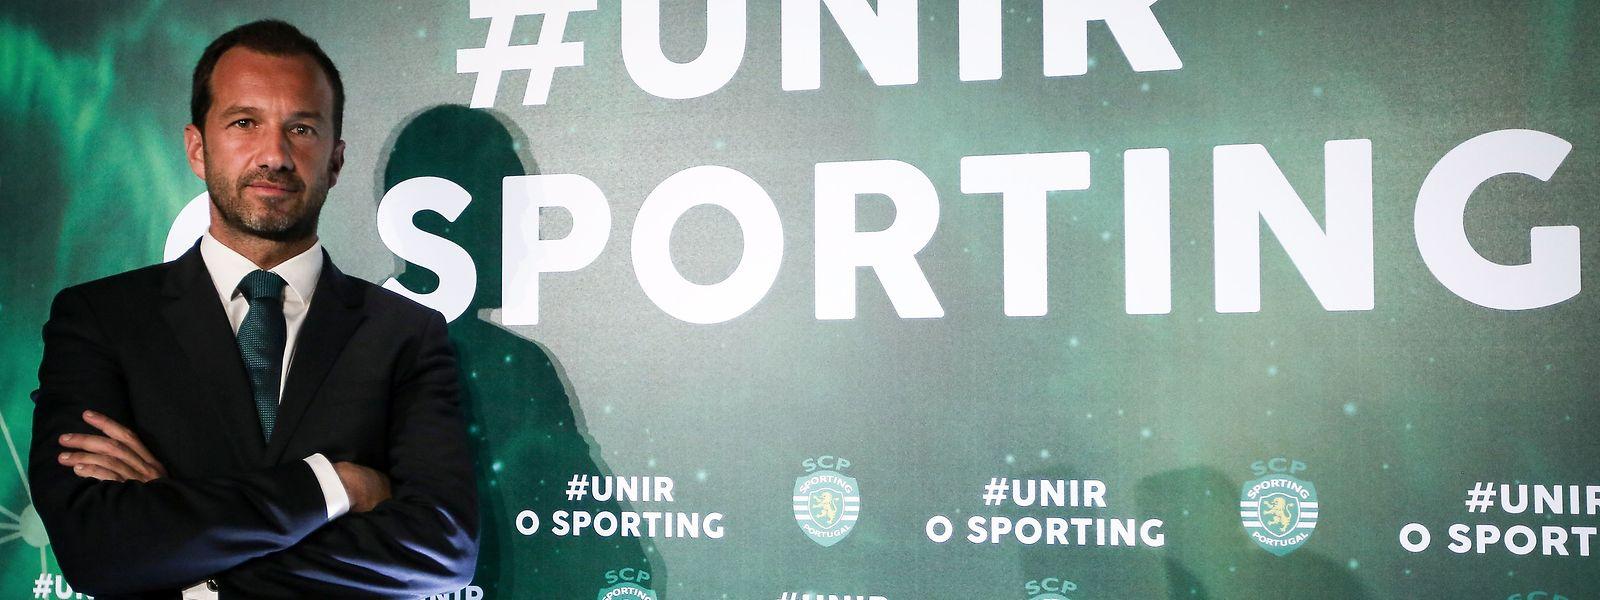 Frederico Varandas, antigo responsável pelo departamento clínico do Sporting CP, durante a apresentação da sua candidatura à presidência do clube.